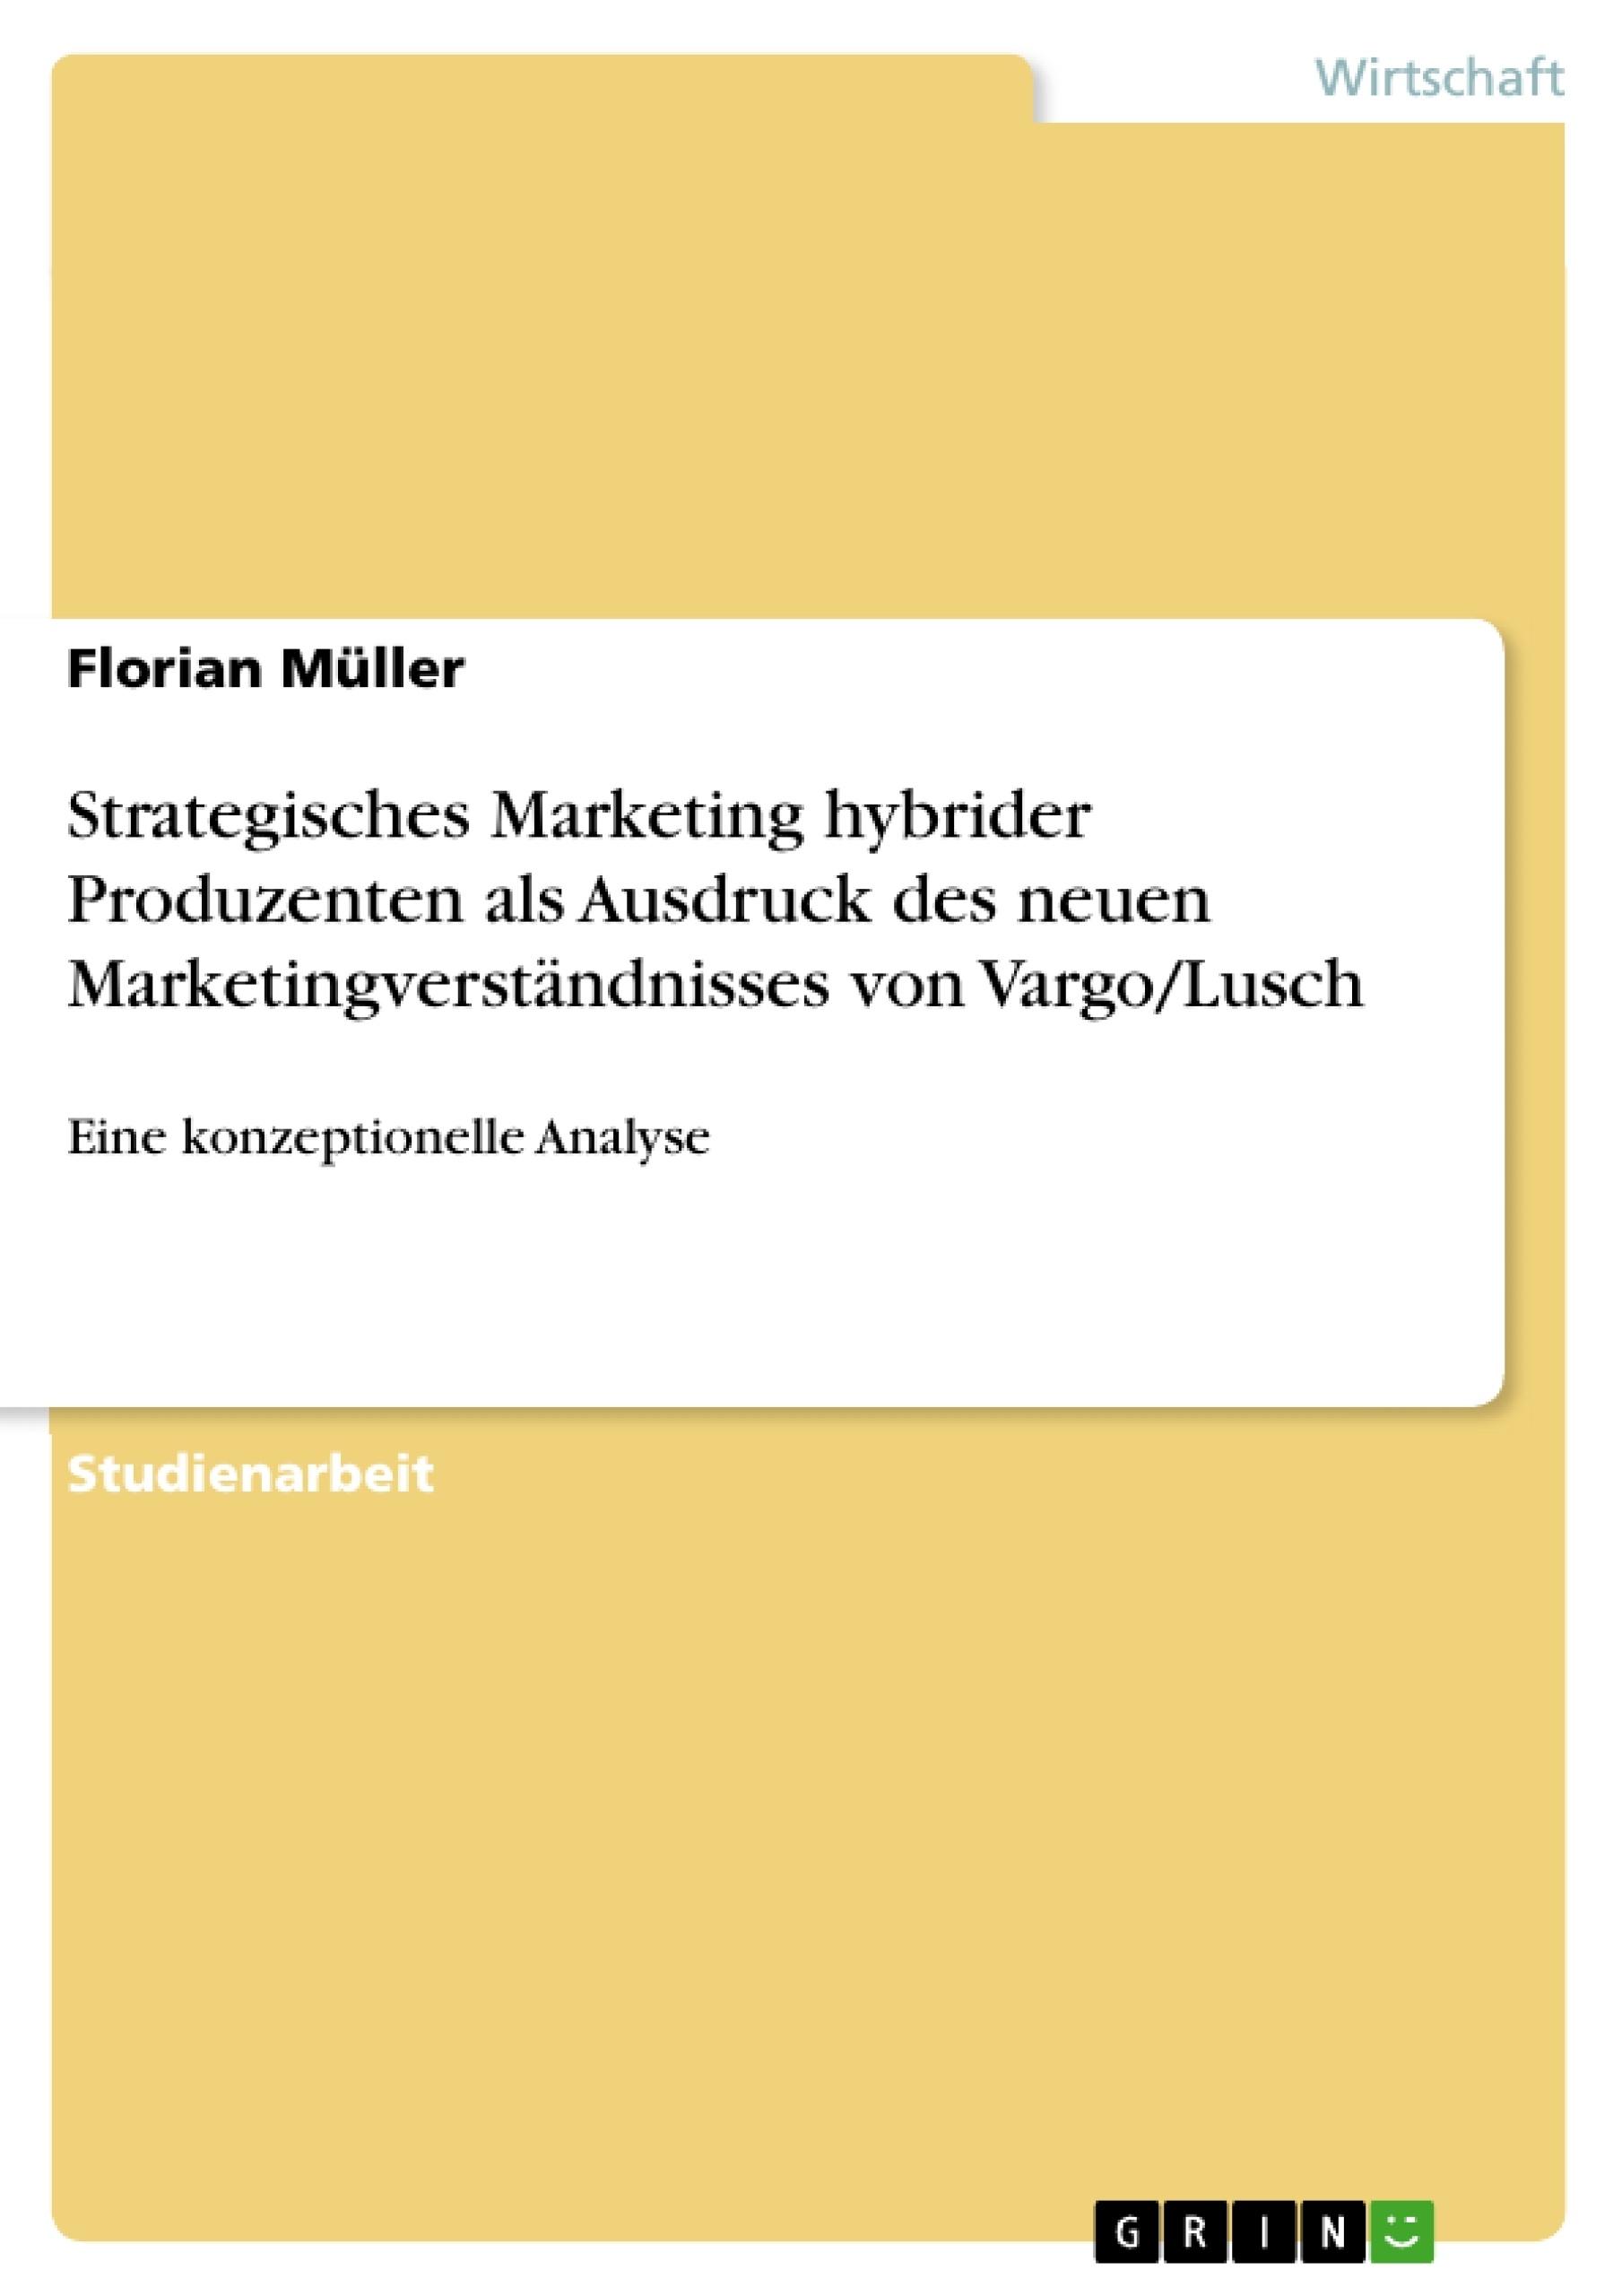 Titel: Strategisches Marketing hybrider Produzenten als Ausdruck des neuen Marketingverständnisses von Vargo/Lusch